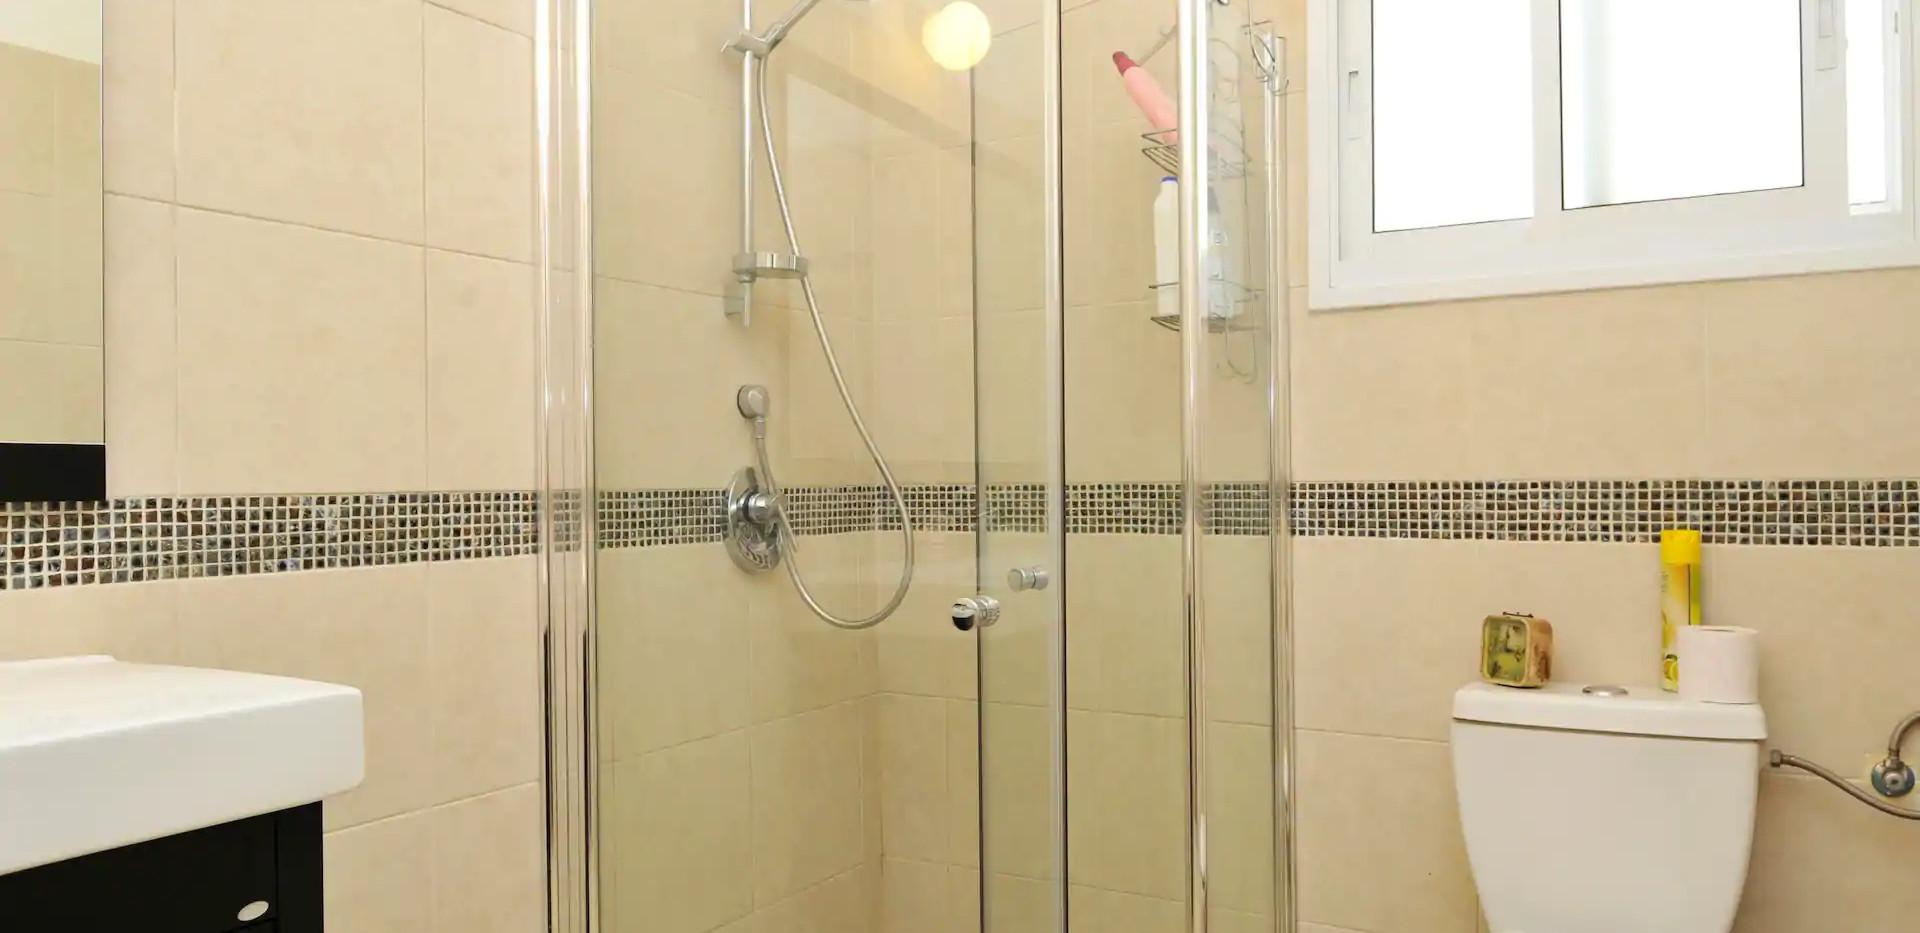 חדר הרחצה השני בקומת הכניסה.נעים ונקי. The external shower room on the ground floor.